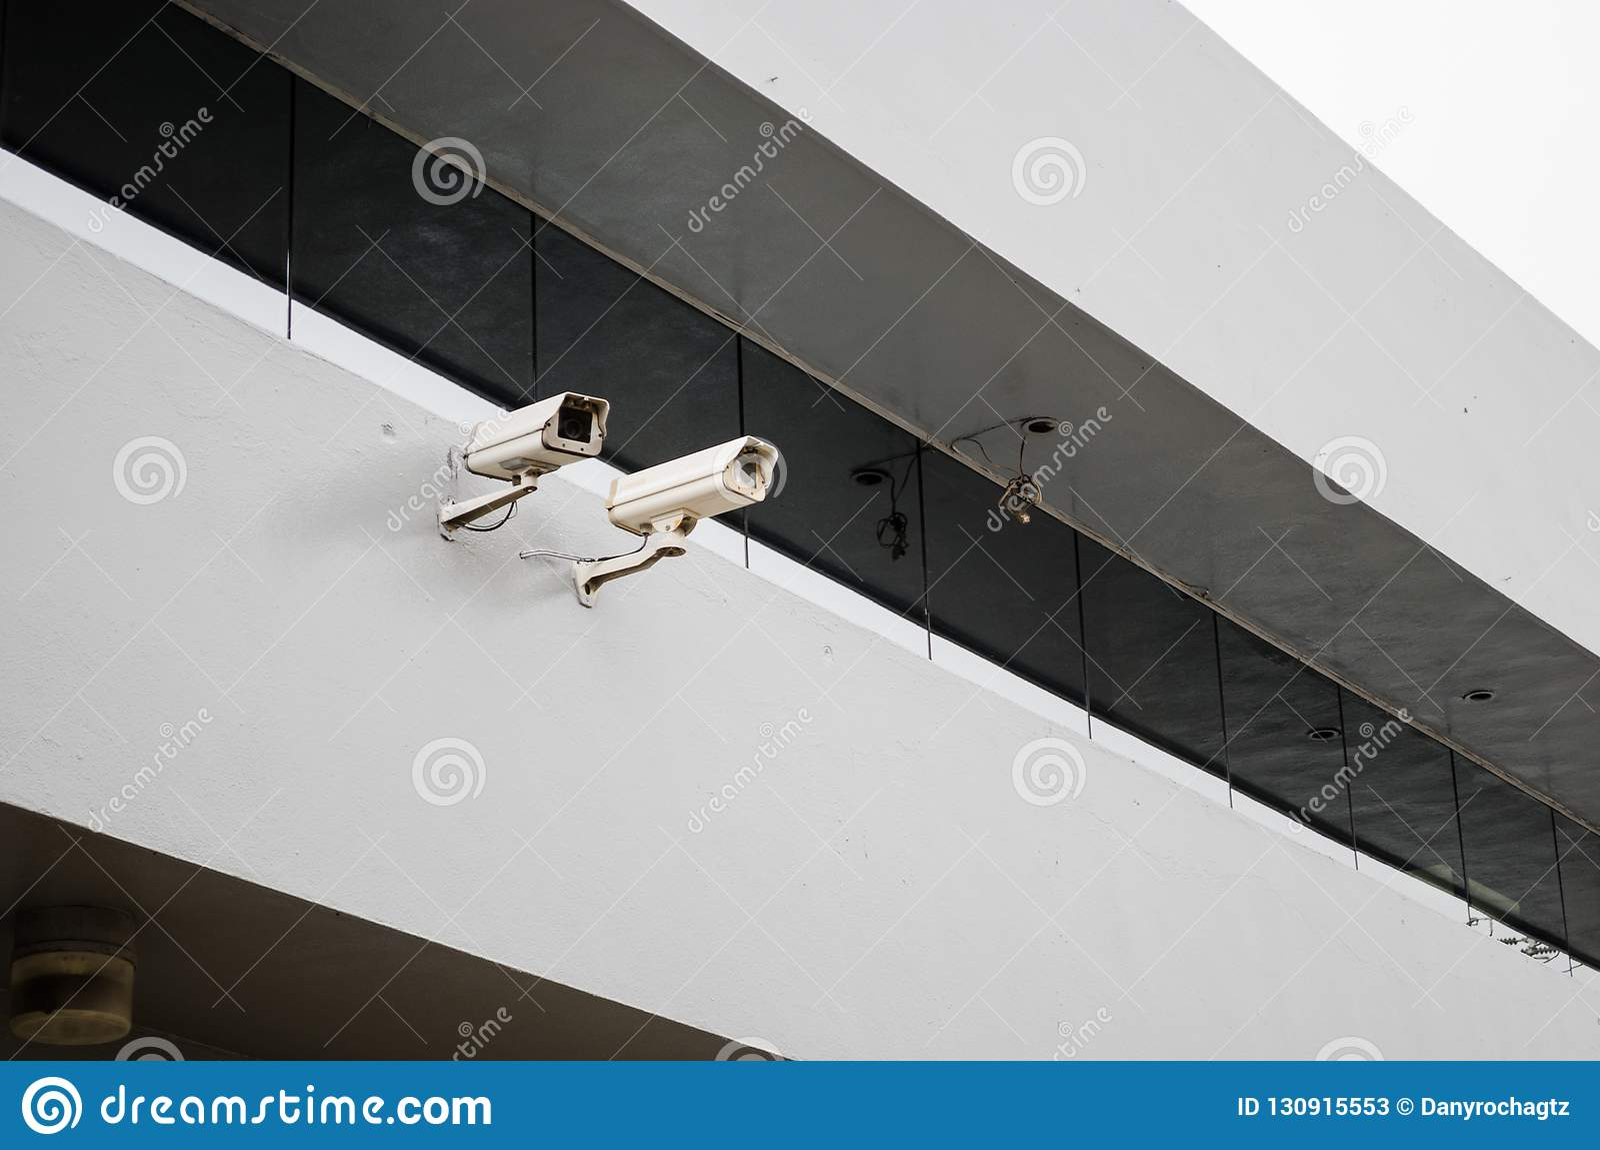 Κλείστε μέχρι δύο κάμερα ασφαλείας στη δομή ενός κτηρίου με έναν μεγάλο καθρέφτη επάνω από τους